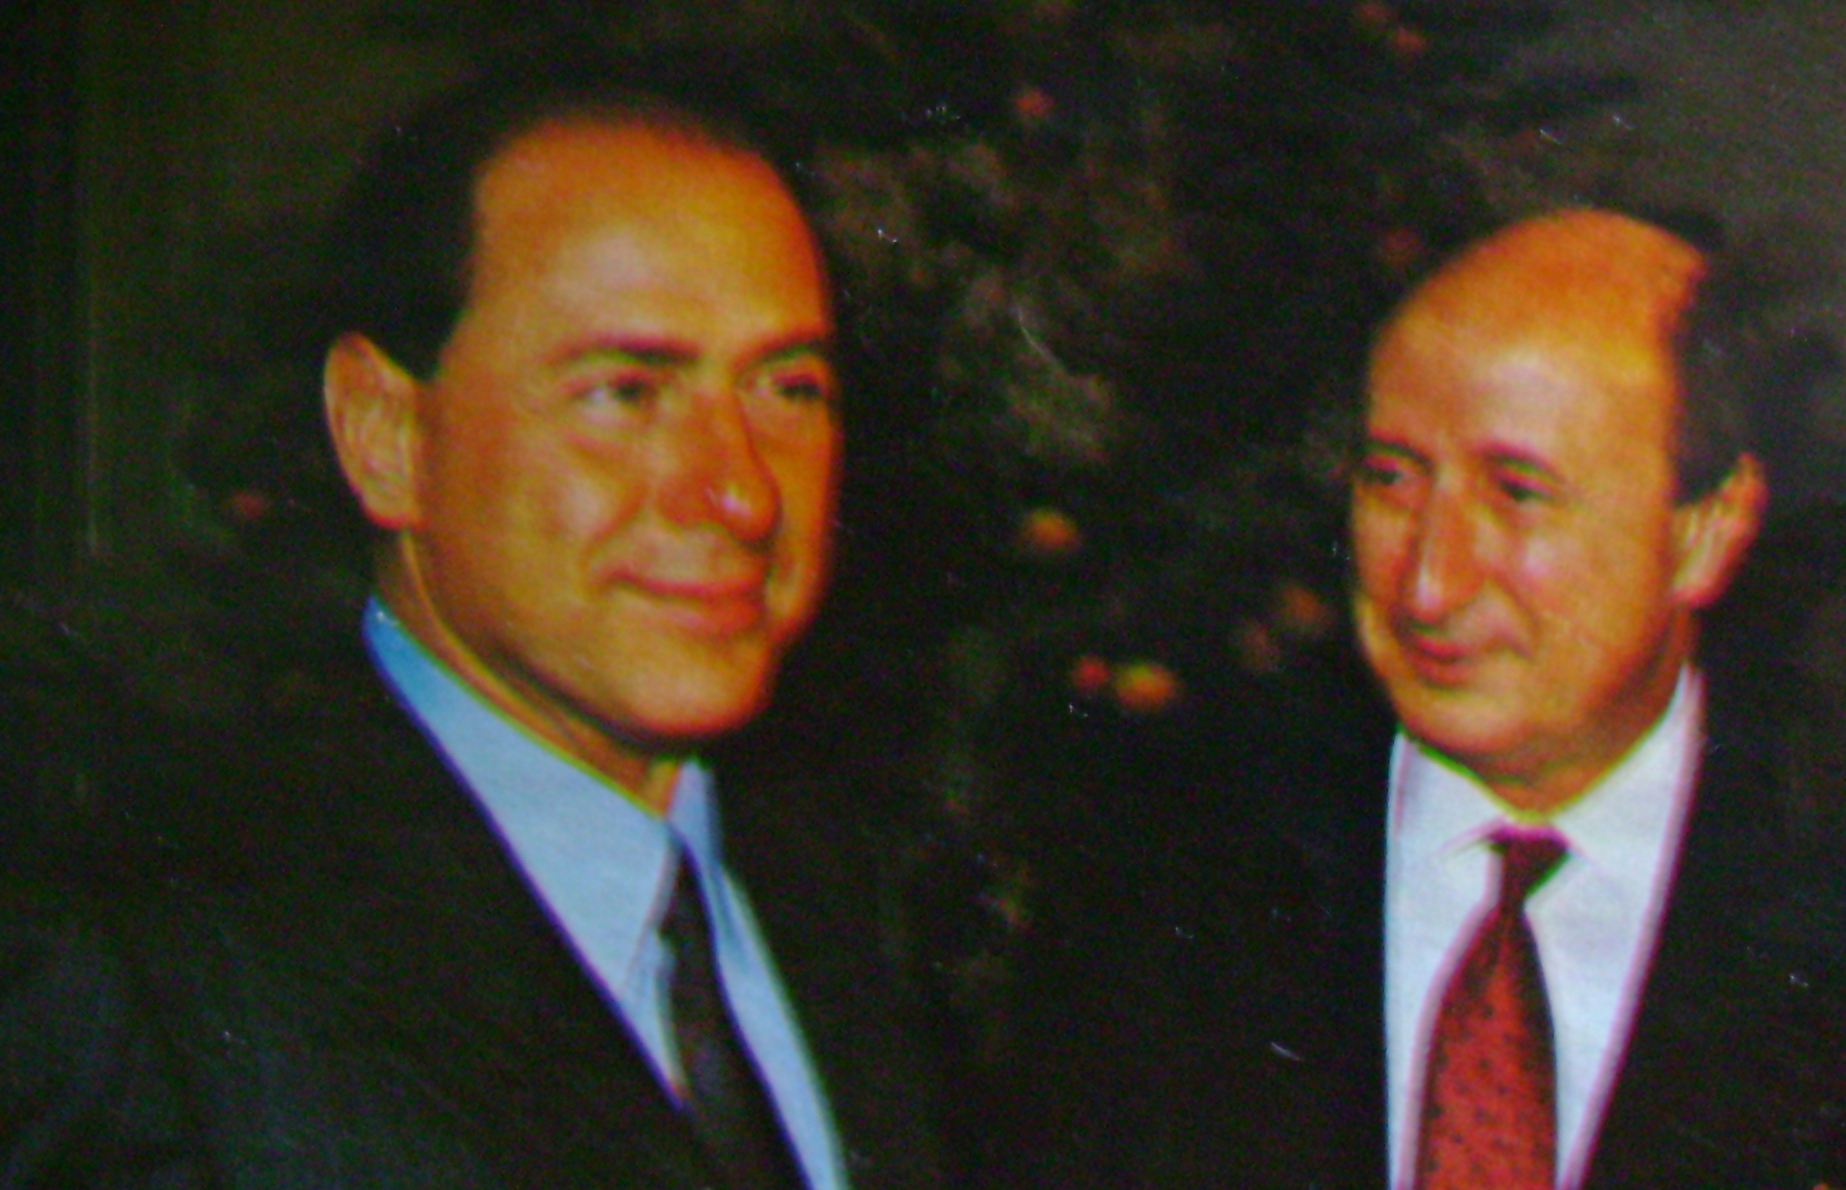 Gigi Vesigna, intervista choc dell'ex direttore di Sorrisi: si svelano i segreti incofessabili della tv, da Sanremo a Bongiorno